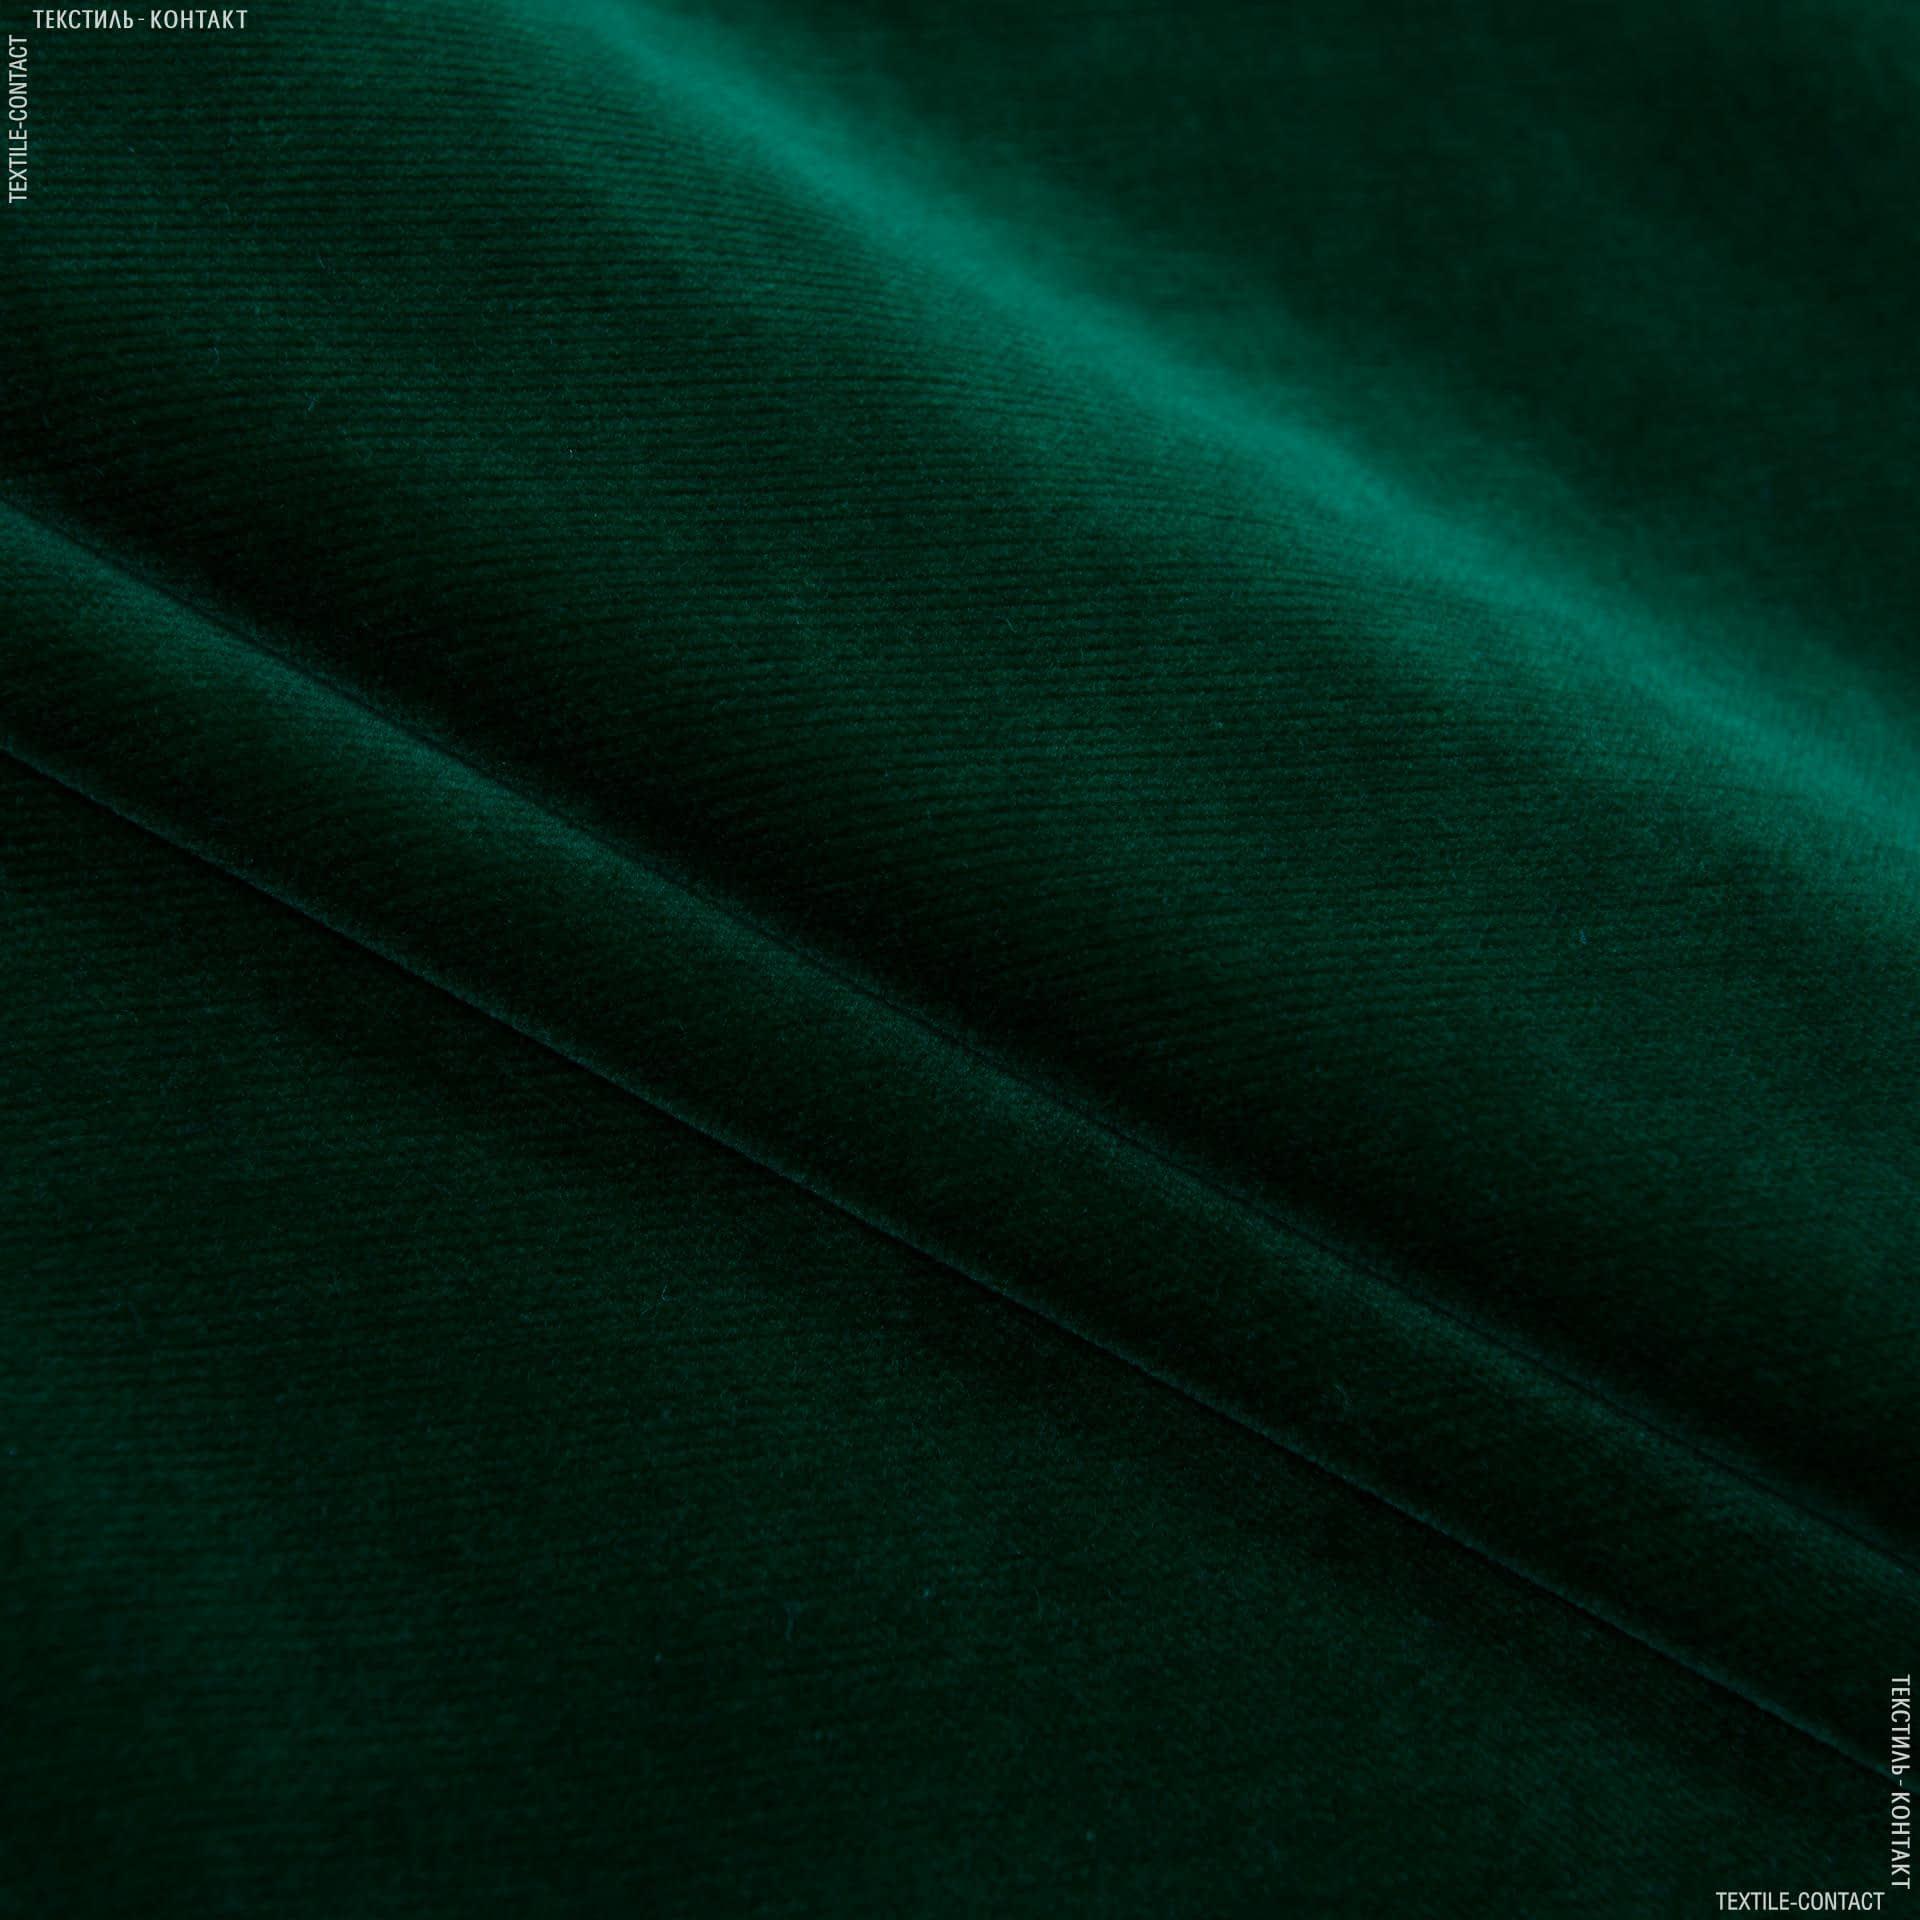 Ткани для театральных занавесей и реквизита - Велюр  линда/ linda  зеленый сток